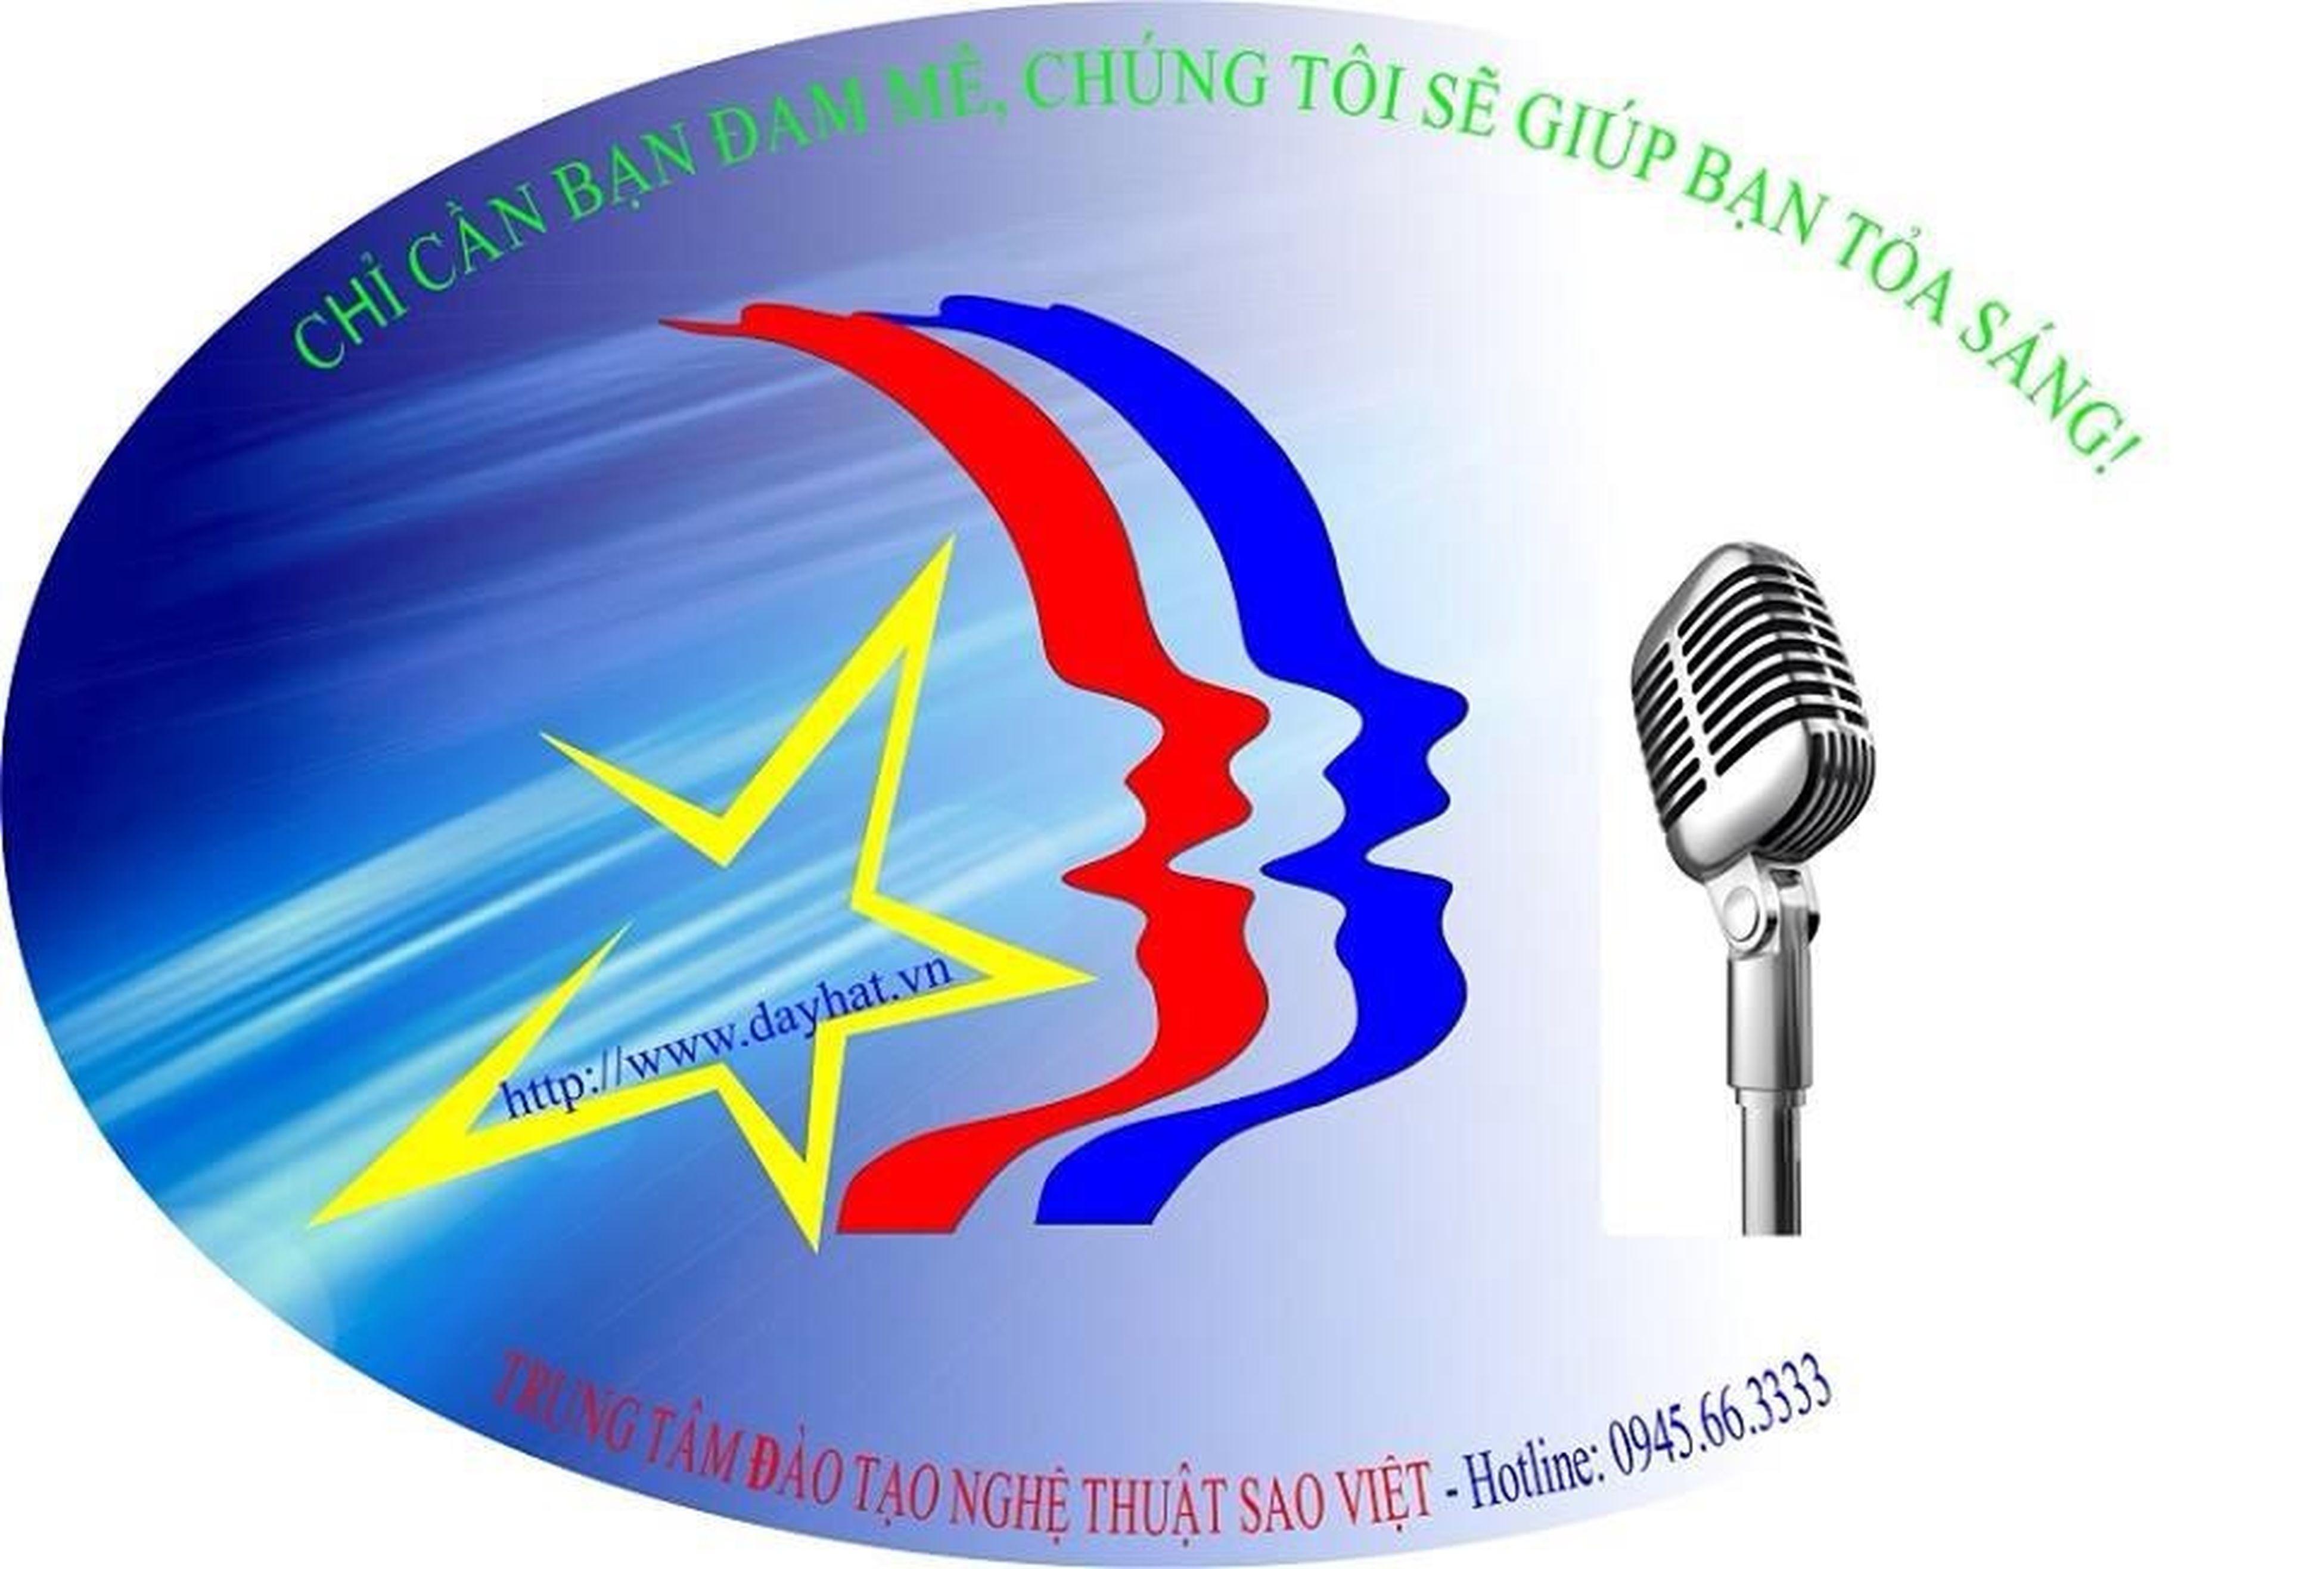 Chỉ cần bạn biết nói,chúng tôi sẽ giúp bạn biết hát!Hotline:0945663333-website:http://www.dayhat.vn That's Me Check This Out Enjoying Life Hi! Relaxing (null)